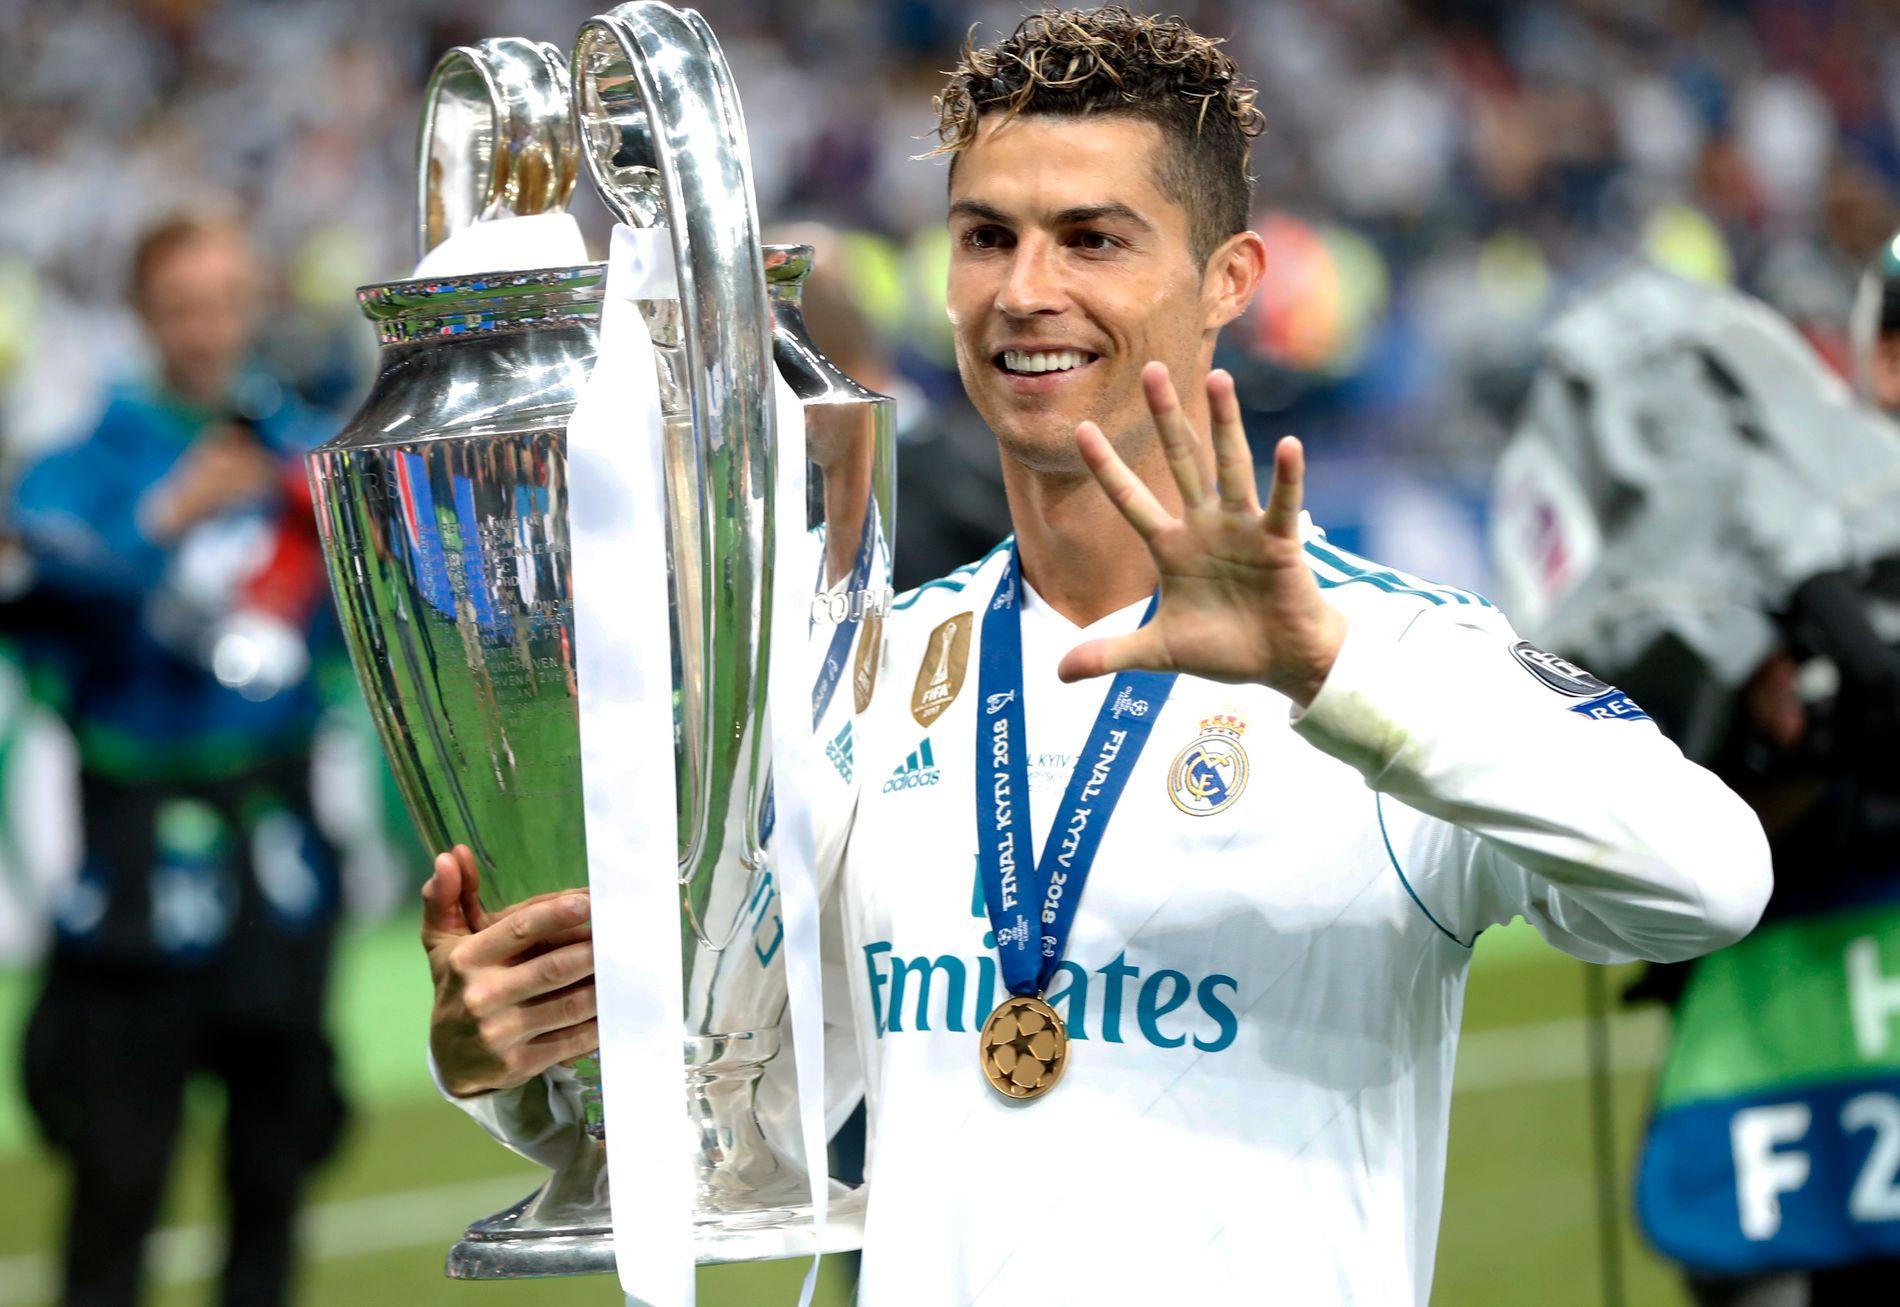 CL-GARANTIST: 26. mai kunne Cristiano Ronaldo for femte gang løfte Champions League-trofeet. Han har vunnet turneringen med sine to siste klubbe, og nå kan Juventus stå for tur.